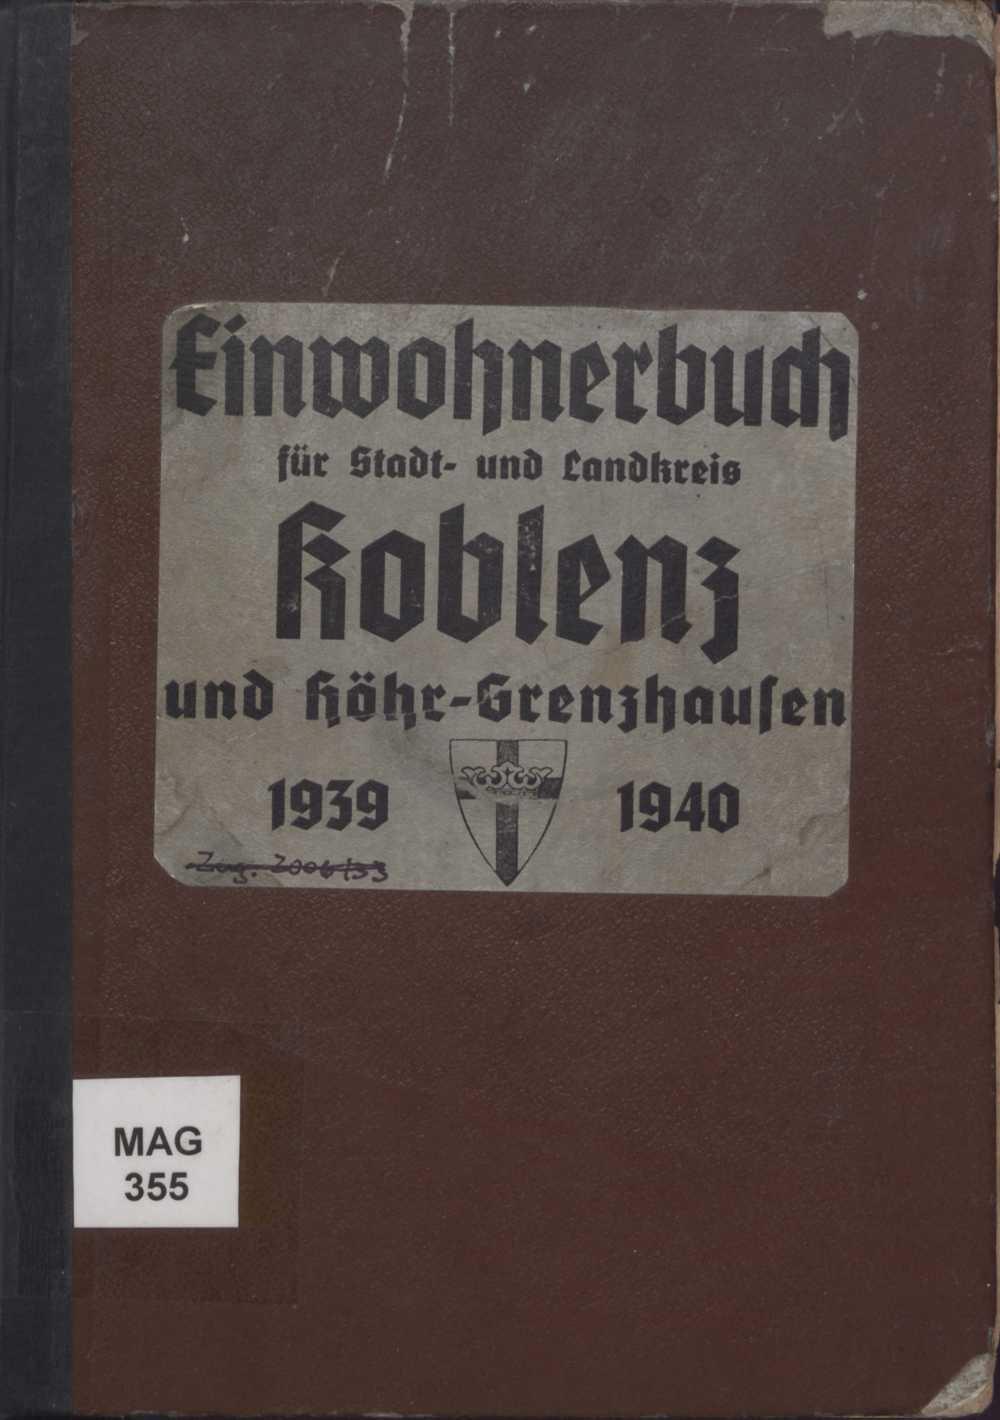 Einwohnerbuch für Stadt- und Landkreis Koblenz und Höhr-Grenzhausen 1939-1940